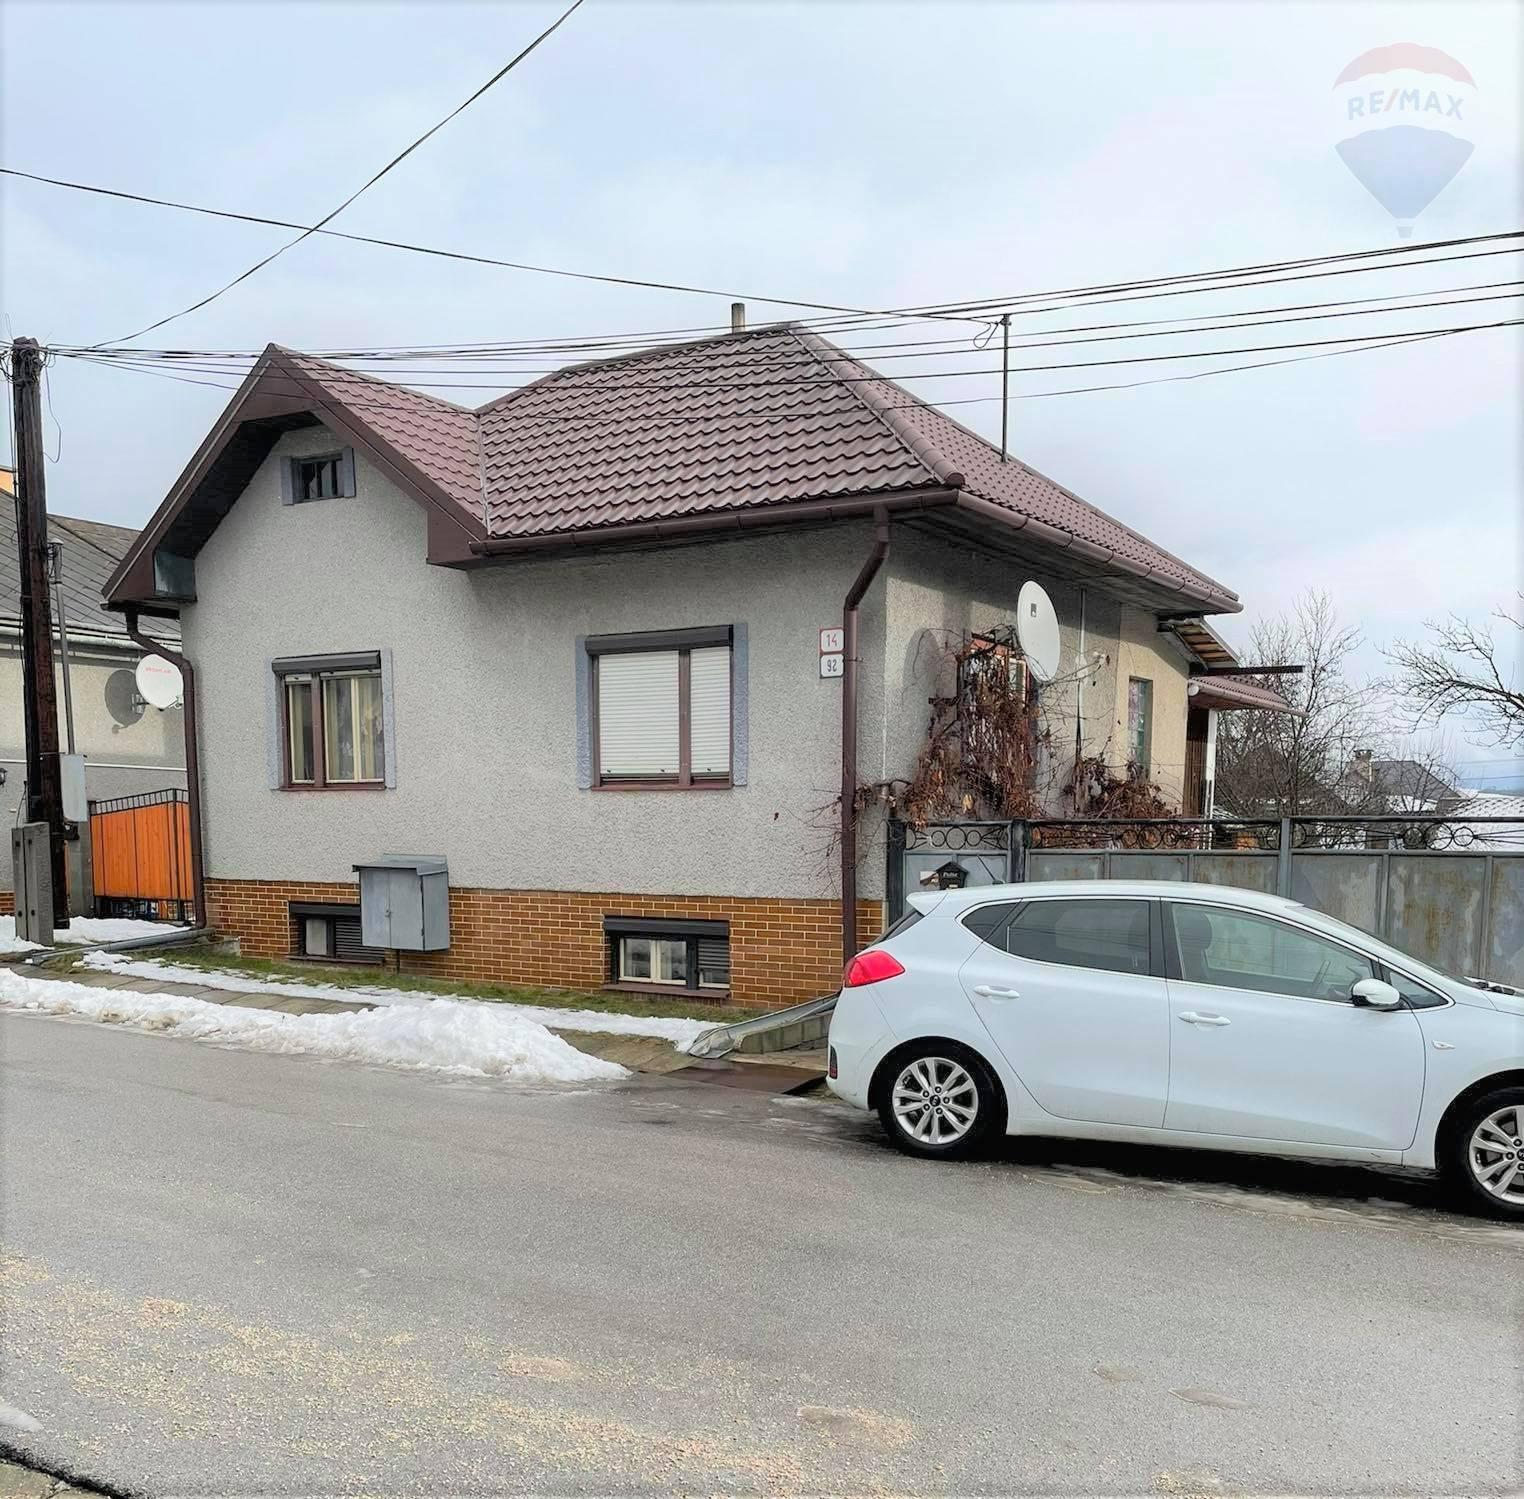 Predaj: Rodinný dom v tichej slepej ulici obce Polomka